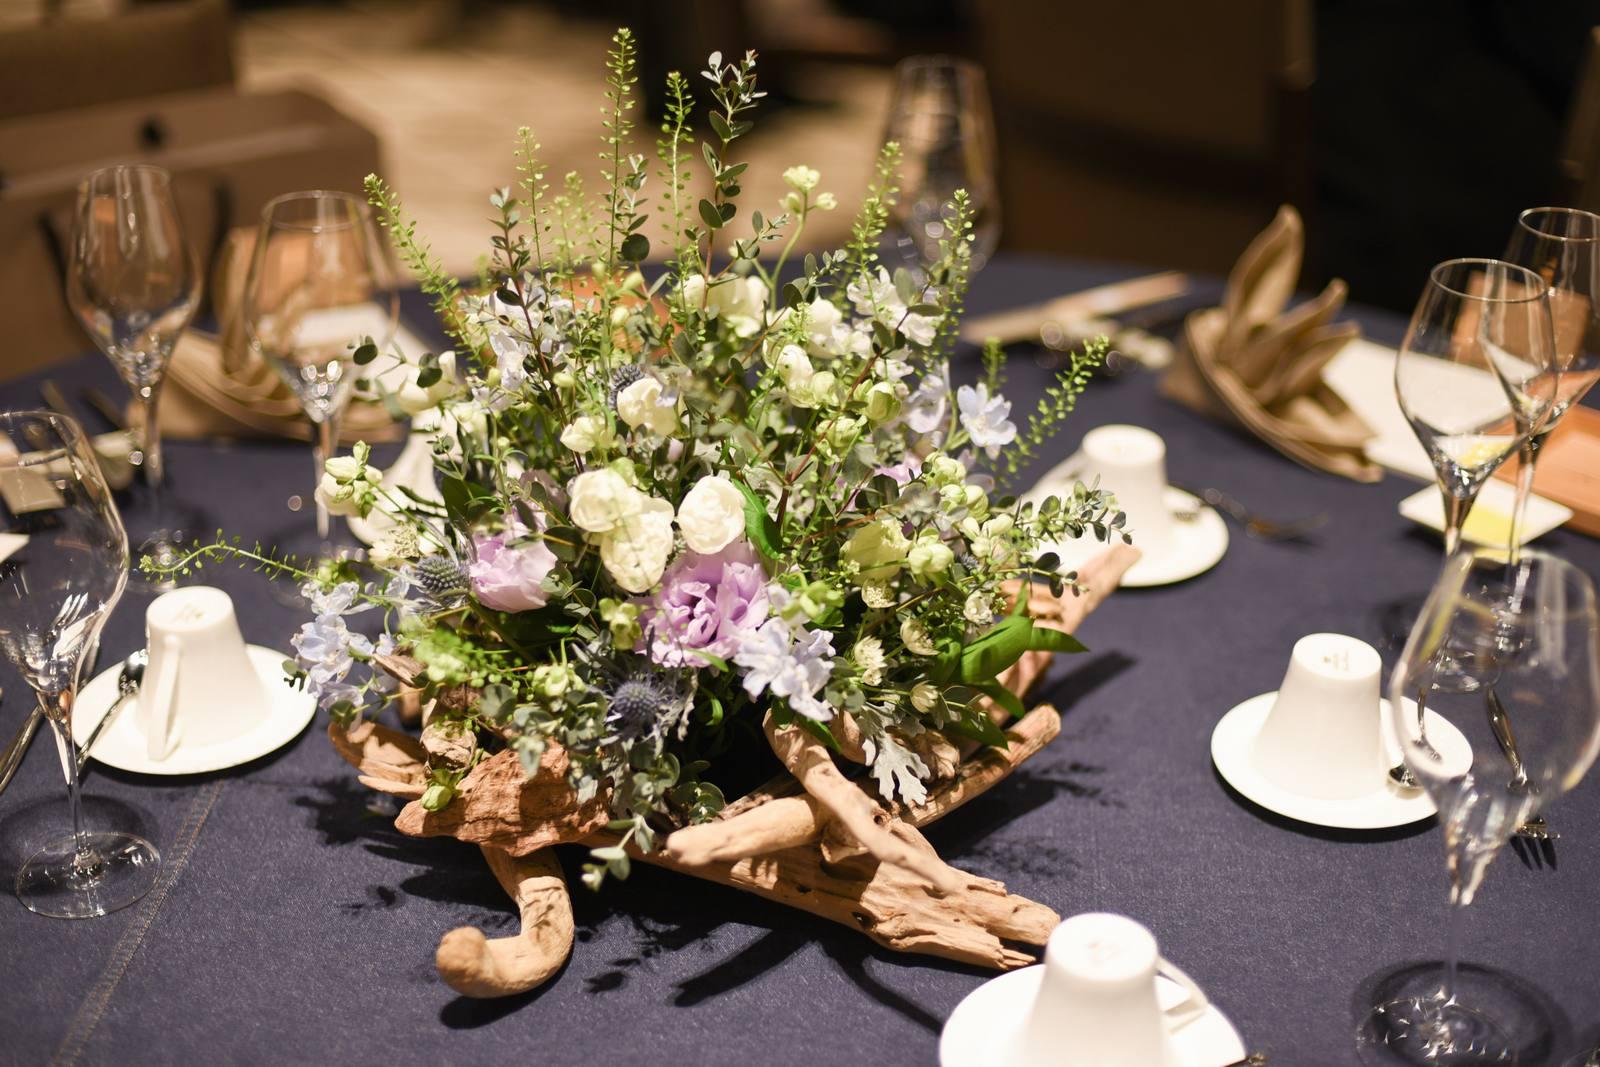 香川県高松市の結婚式場アナザースタイルのナチュラルなテーブルコーディネート